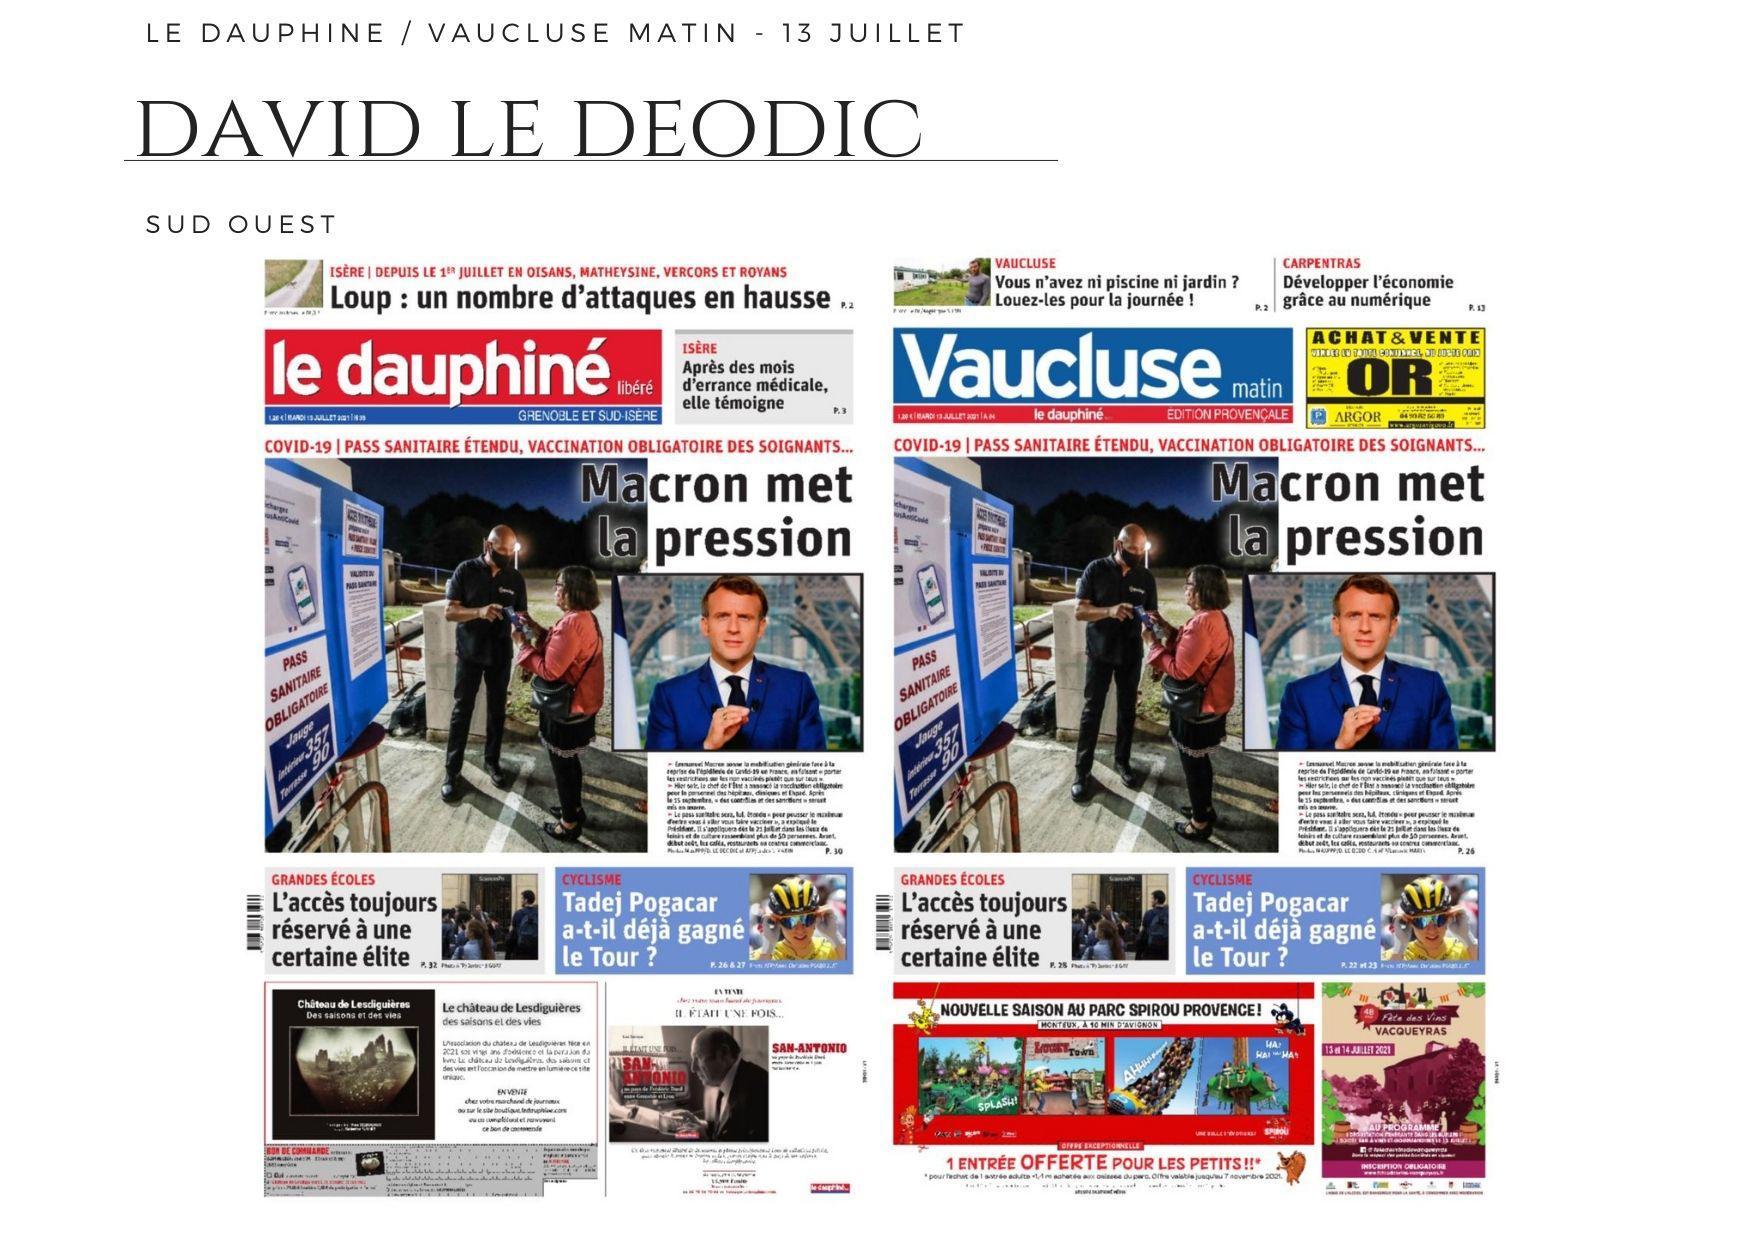 Le Dauphiné / Vaucluse Matin - 13 juillet 2021